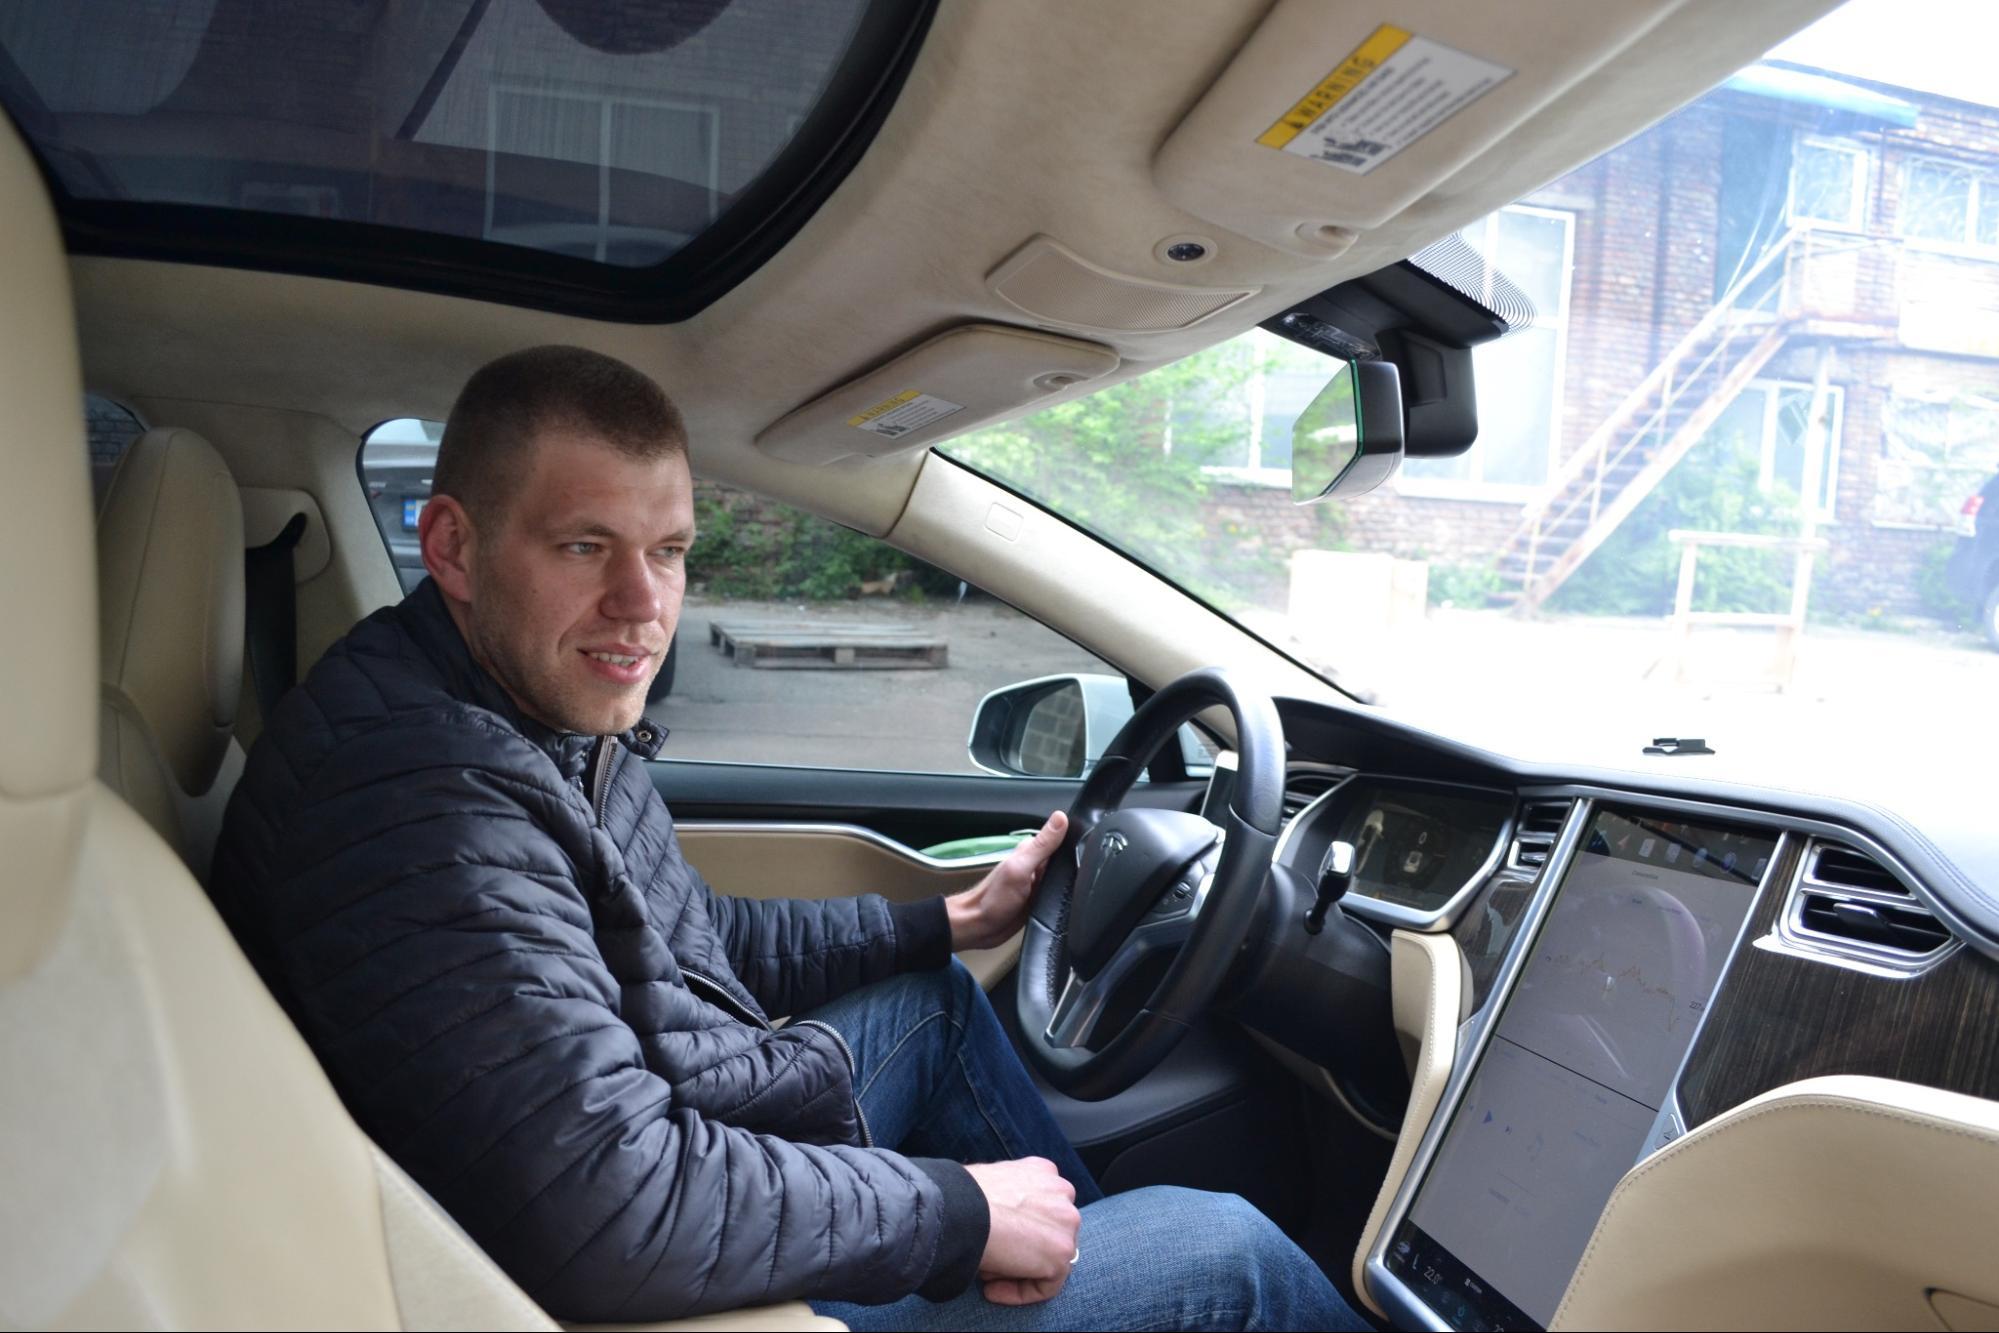 Таксист на Teslа в #ЛюдиСправи: как освоить несколько профессий и сделать их взаимовыгодными